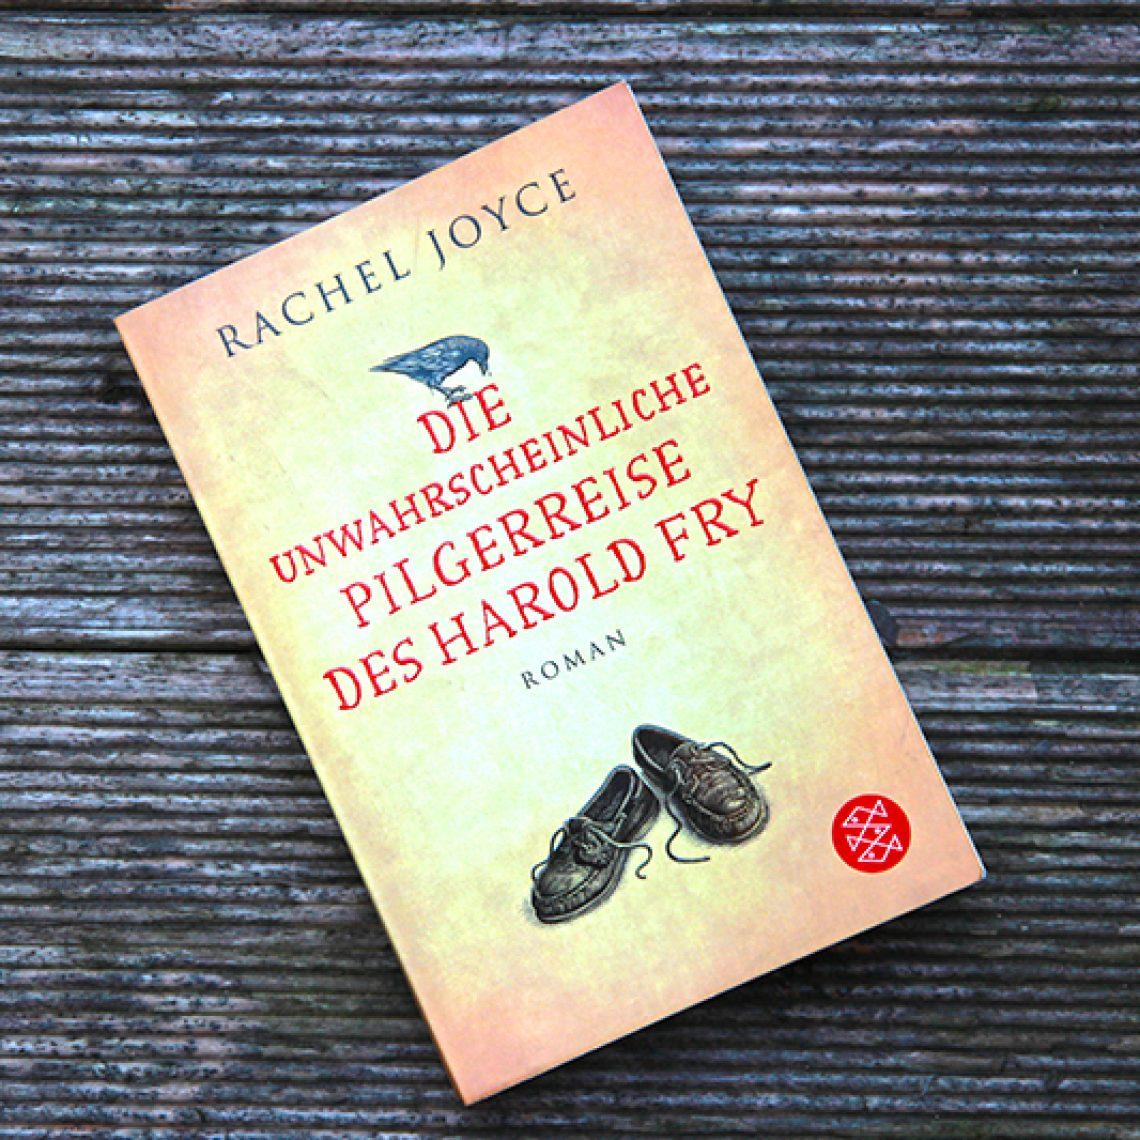 Die unwahrscheinliche Pilgerreise des Harold Fry von Rachel Joyce.